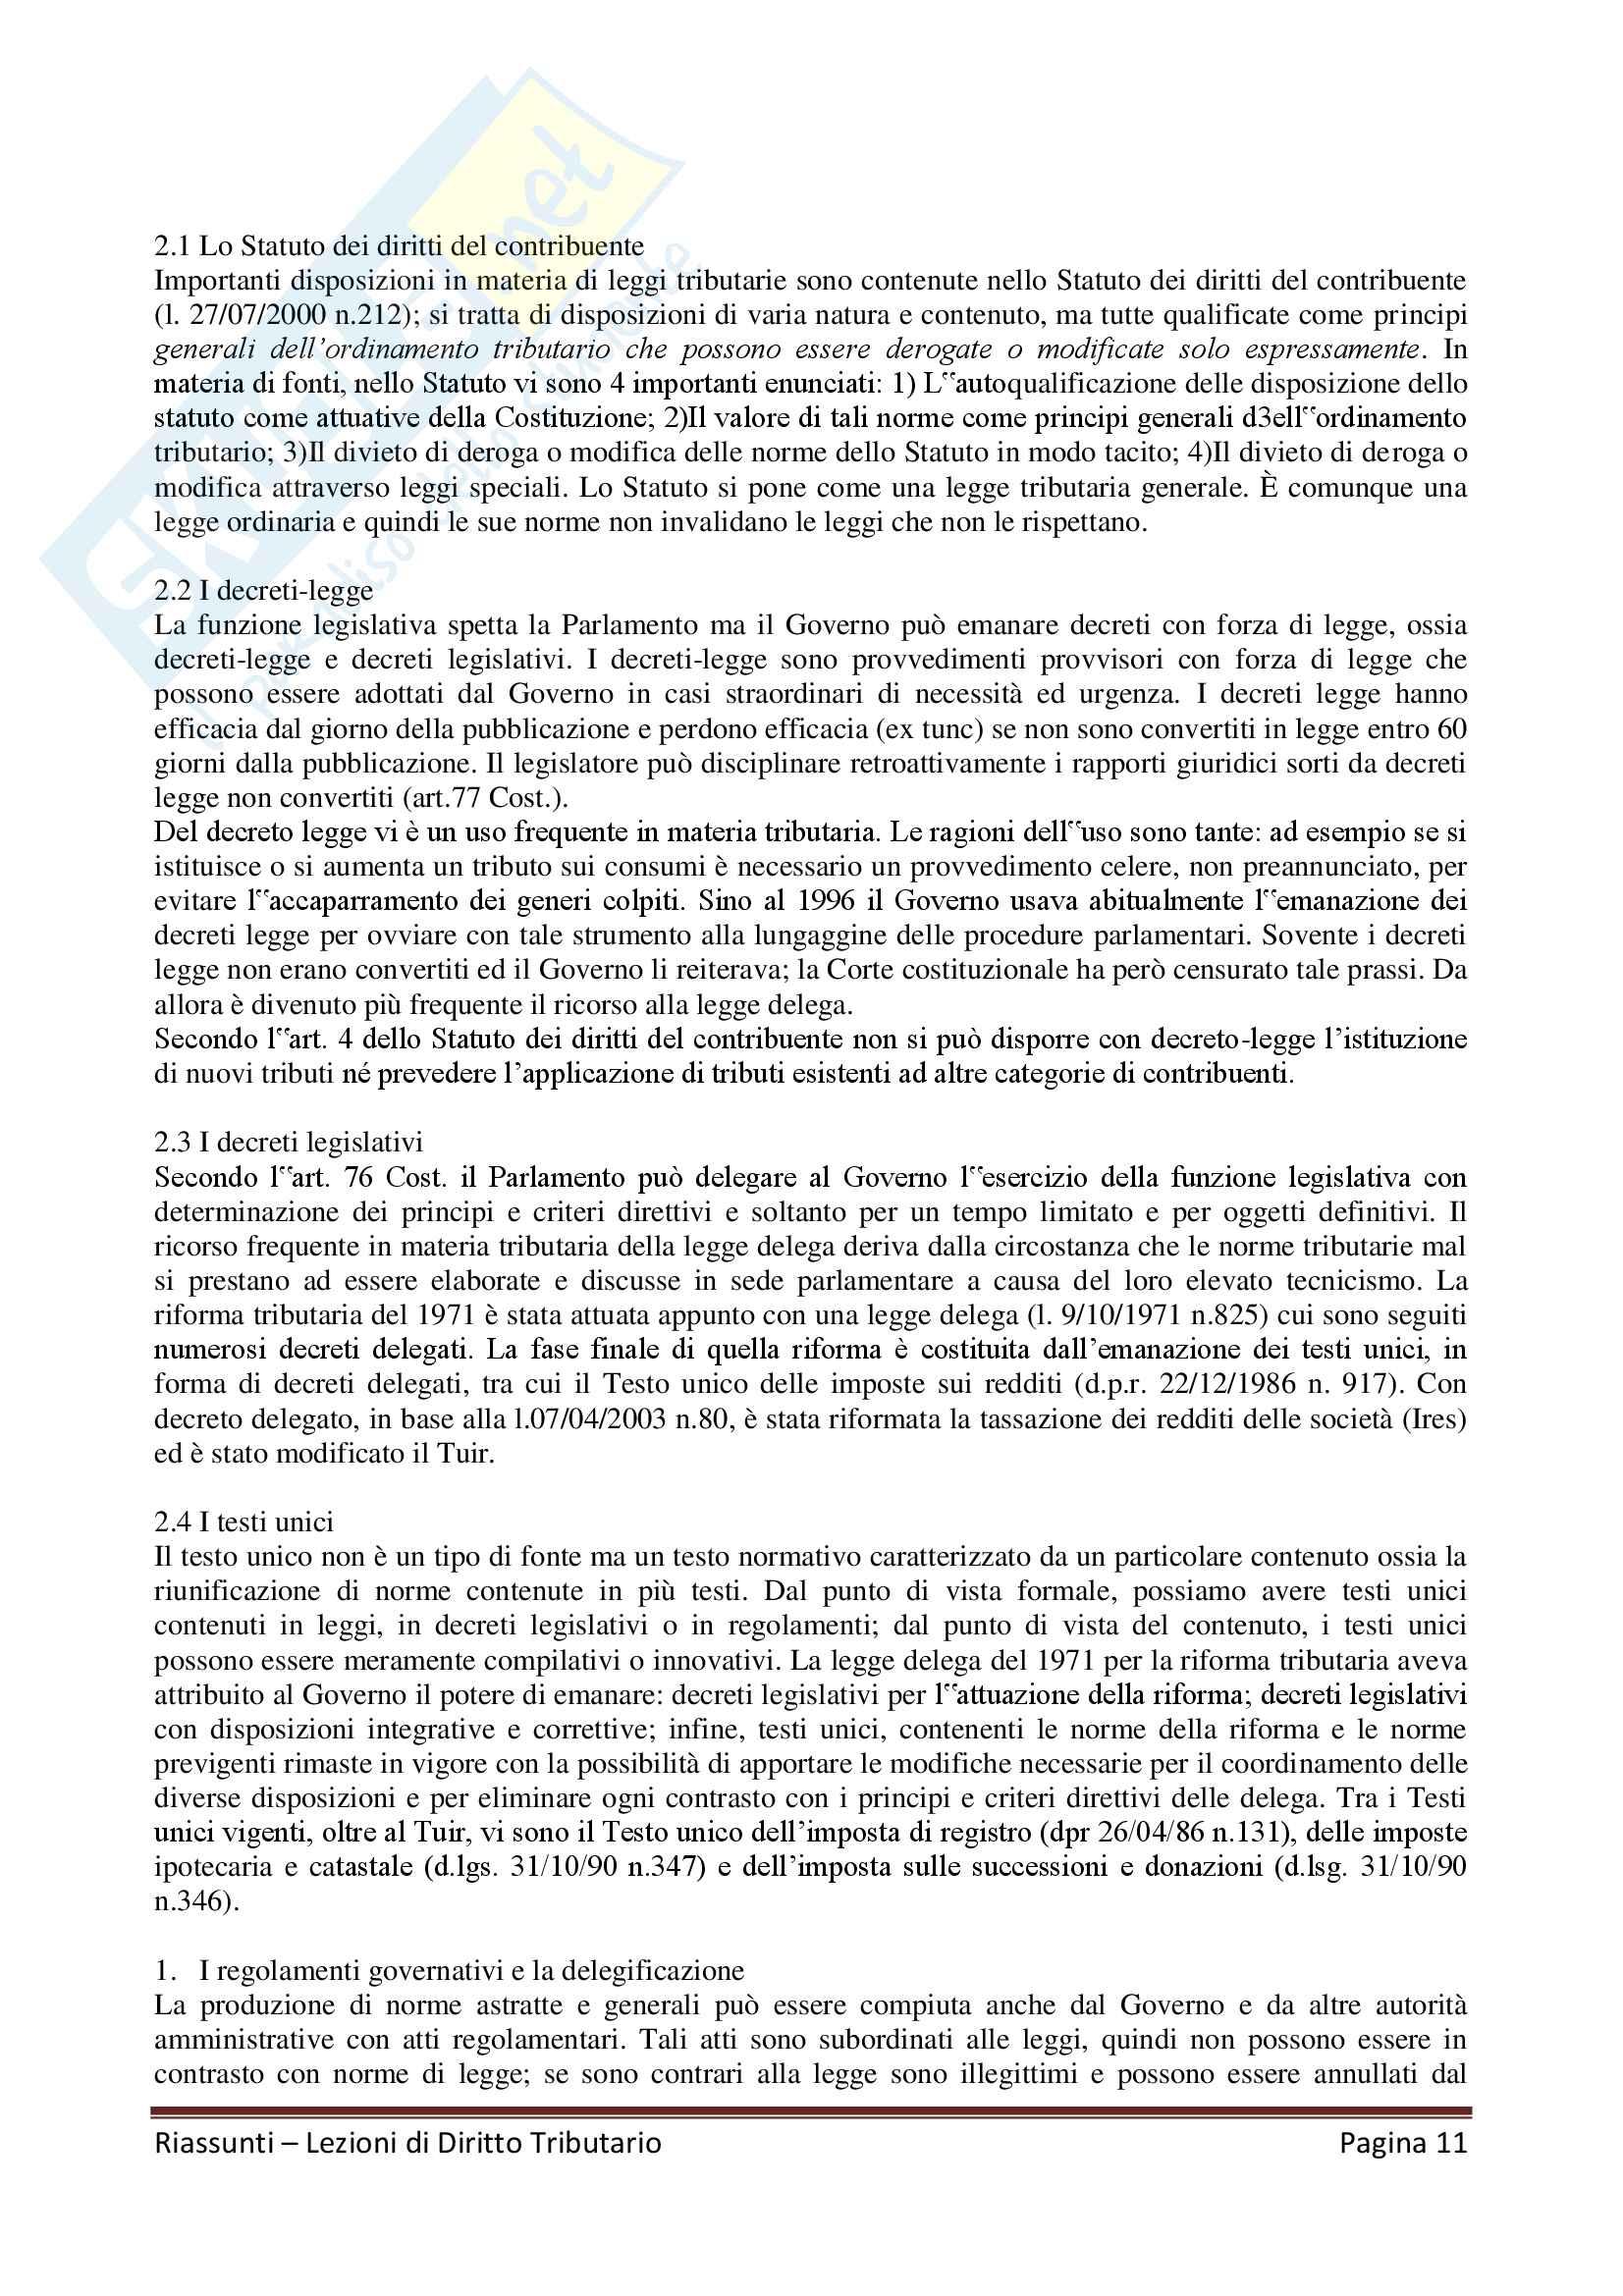 """Riassunto esame Diritto Tributario, Docente G. Melis, libro consigliato """"Lezioni di diritto tributario"""" di G. Melis Pag. 11"""